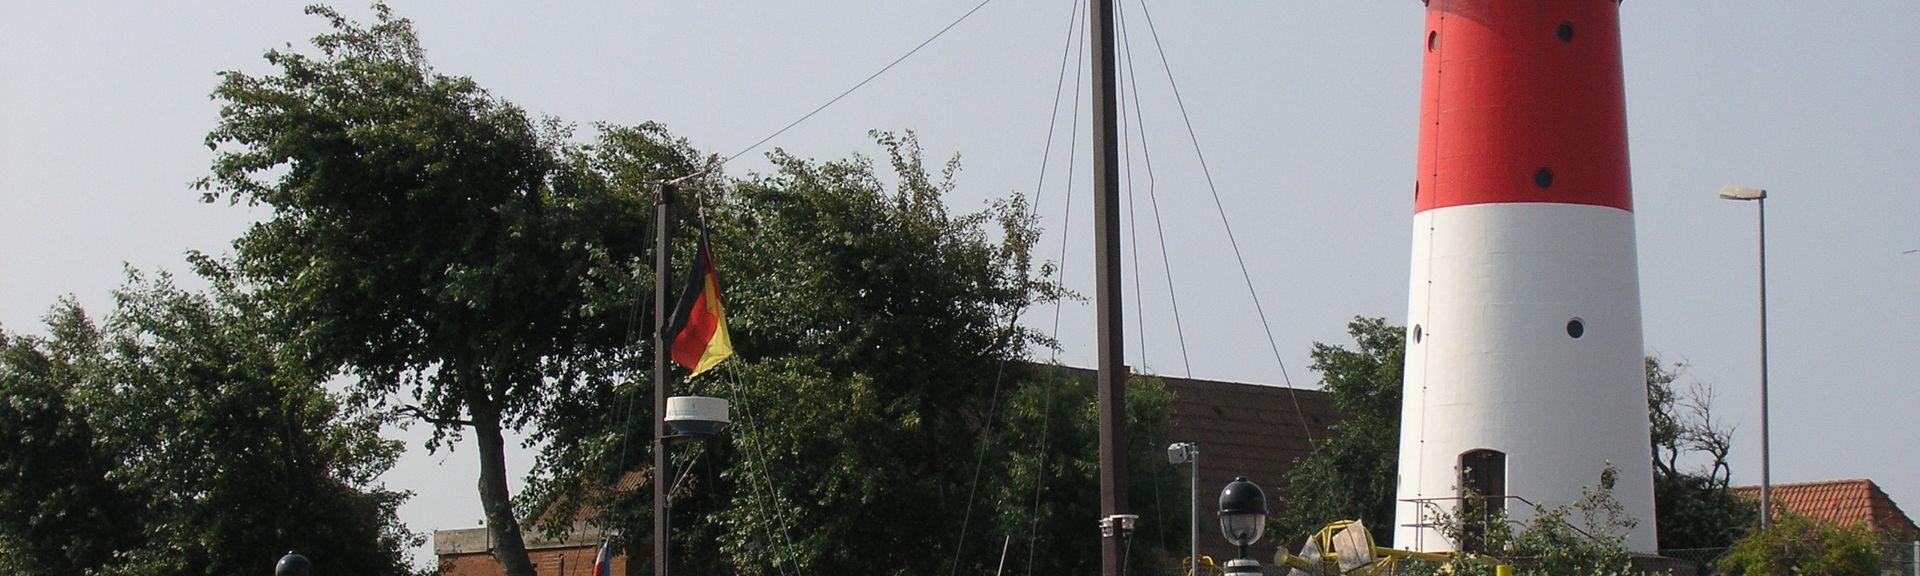 Weddingstedt, Schleswig-Holstein, Germany